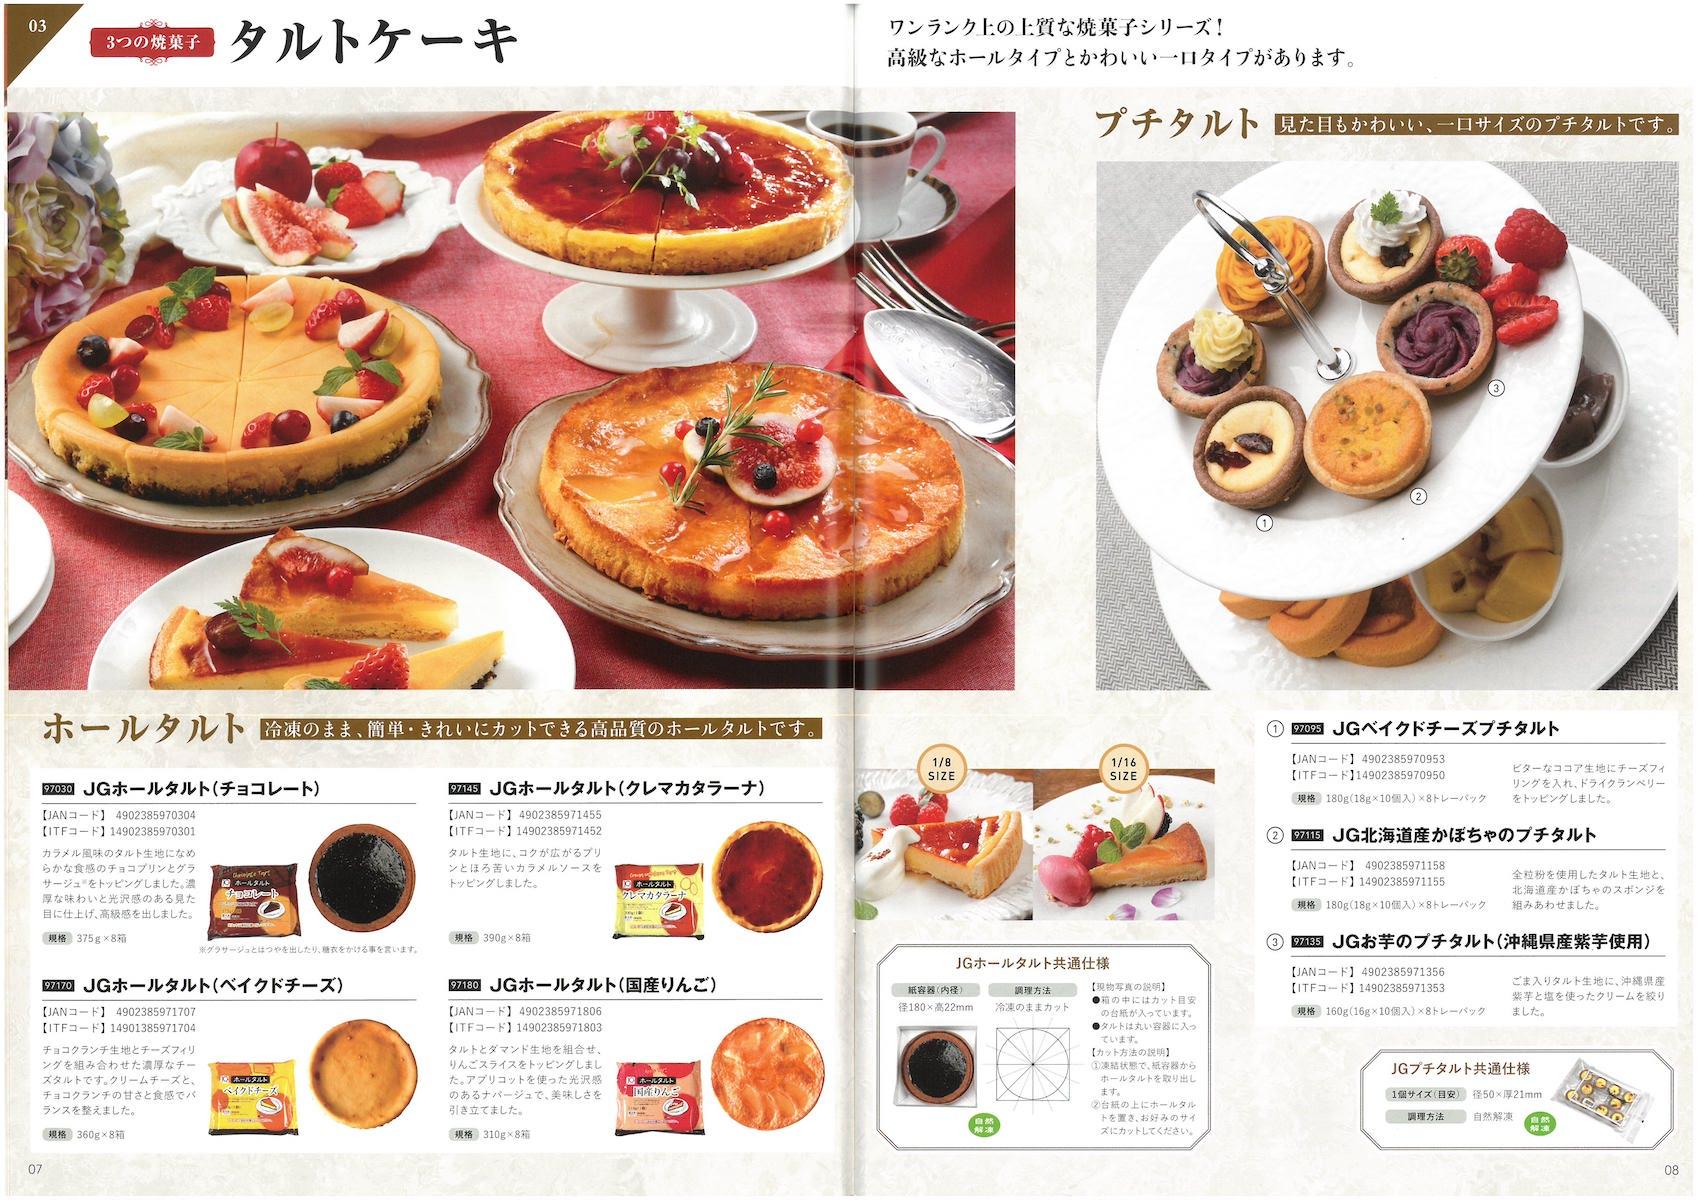 日東ベスト ジョイグルメ2019総合カタログ